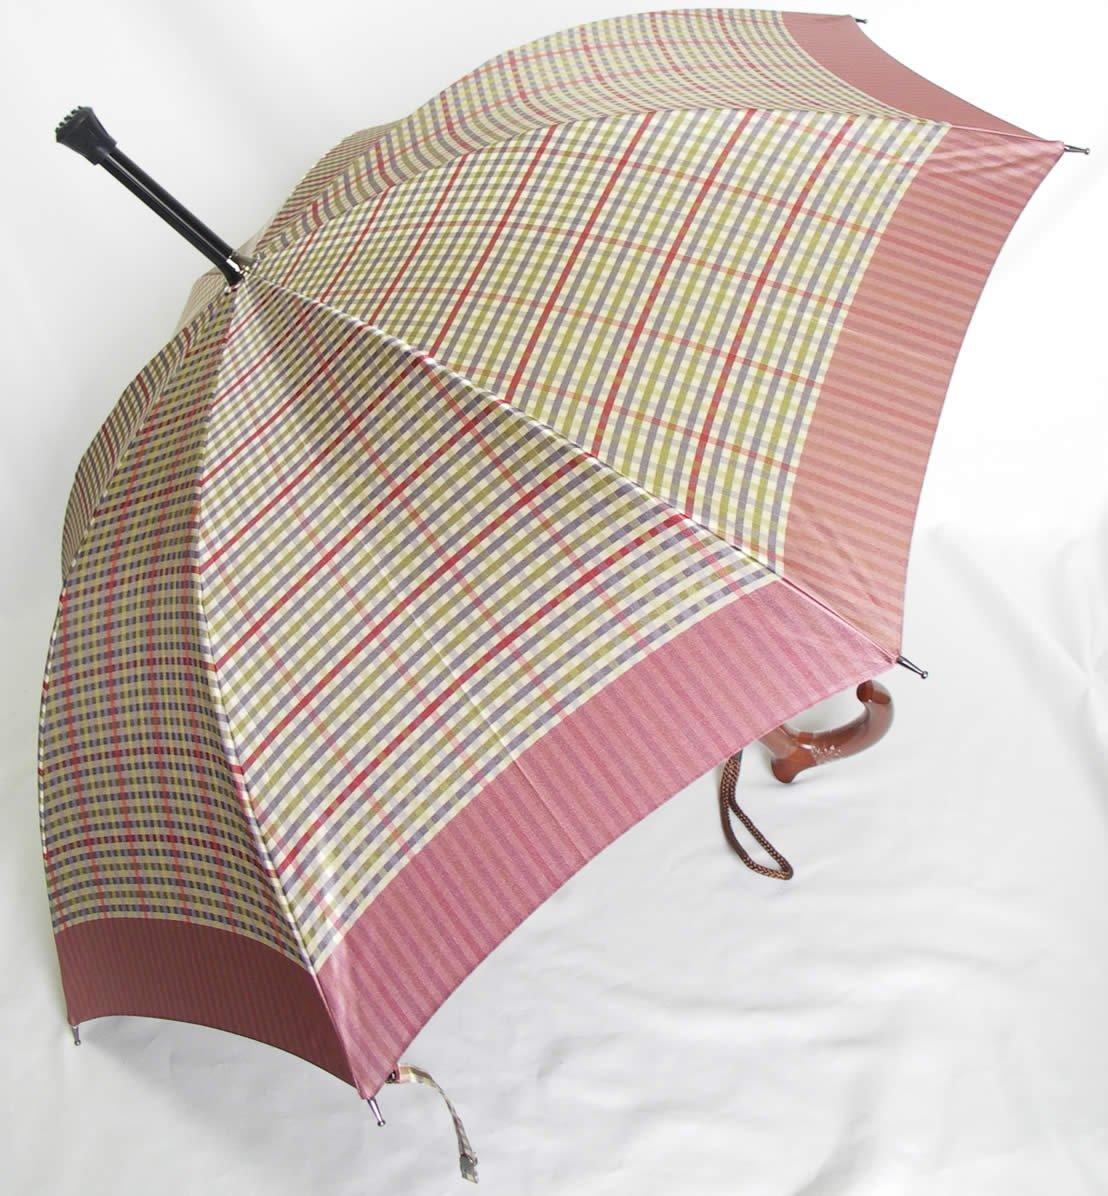 ステッキ傘 杖傘 傘杖 つえ傘 ステッキとしてご使用になれる「ステッキ傘(つえかさ)チック柄 手開き ピンク」 B01I449XR4